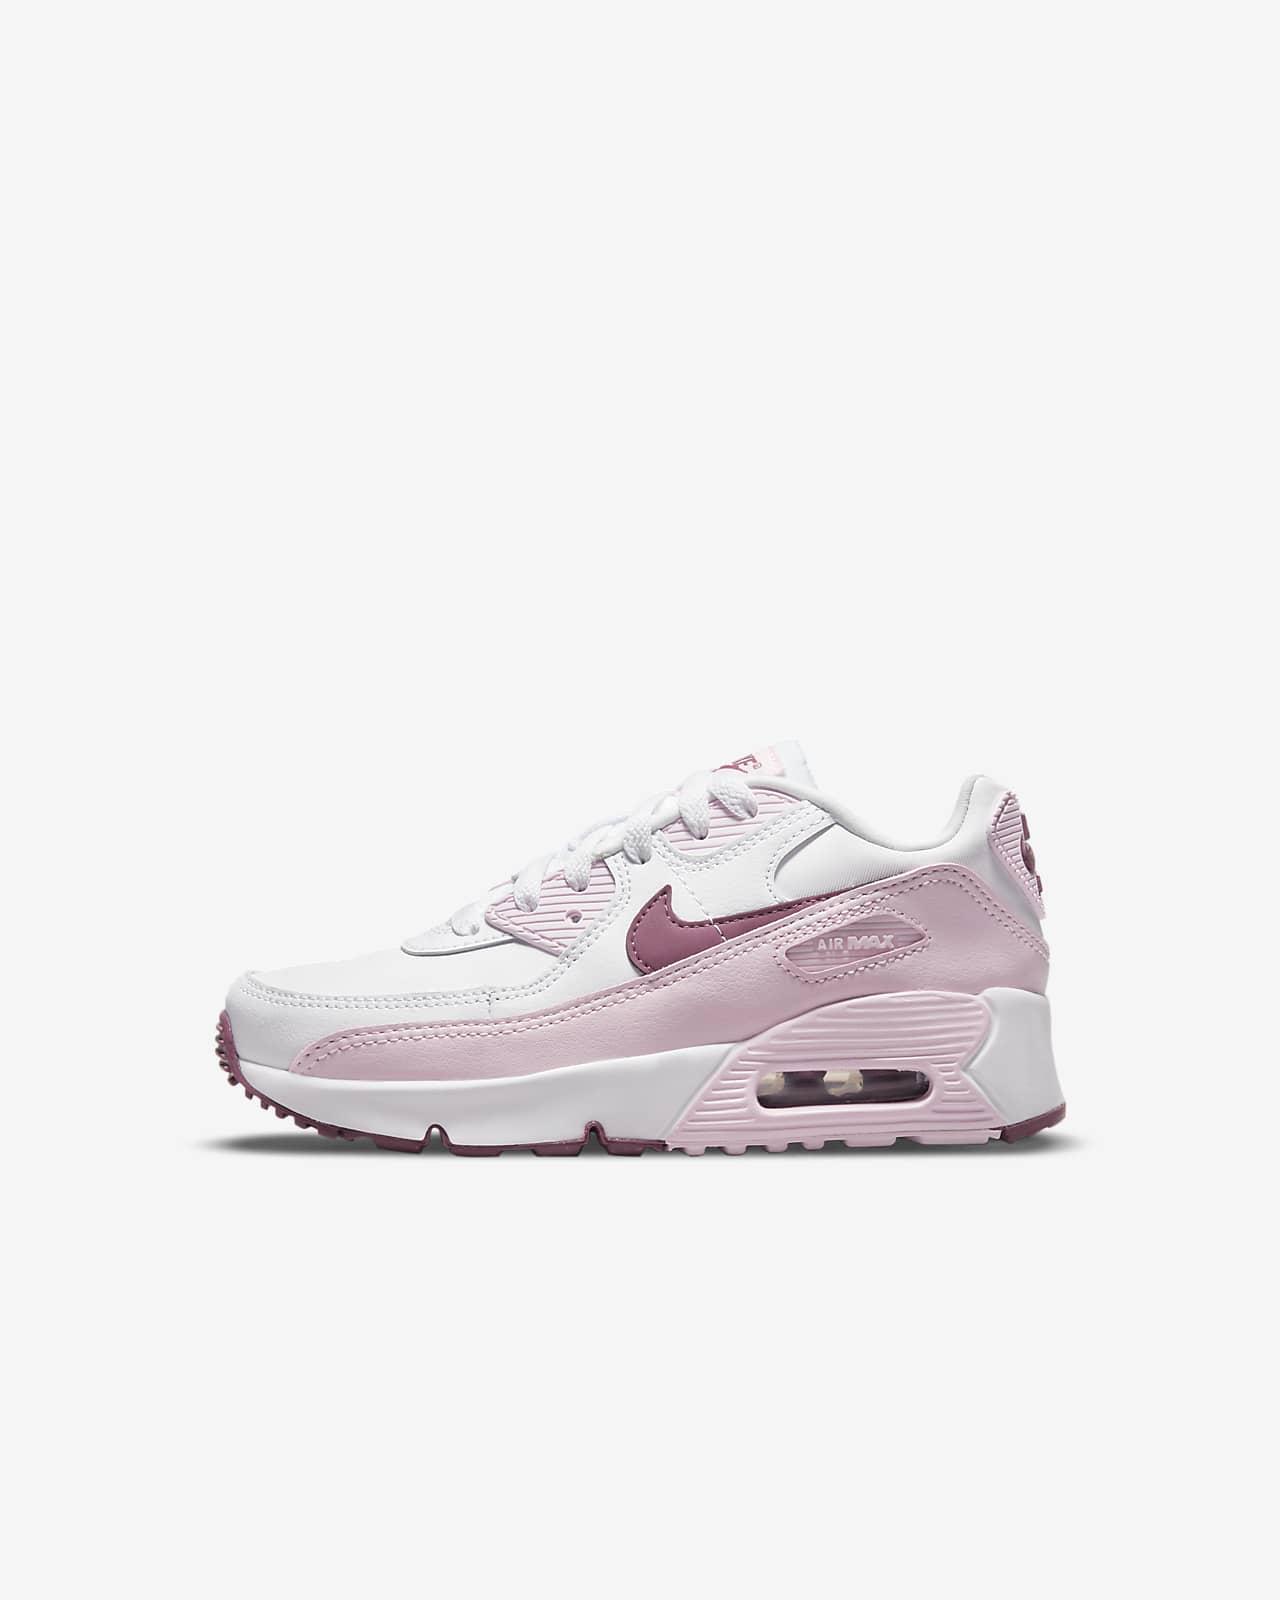 Παπούτσι Nike Air Max 90 για μικρά παιδιά